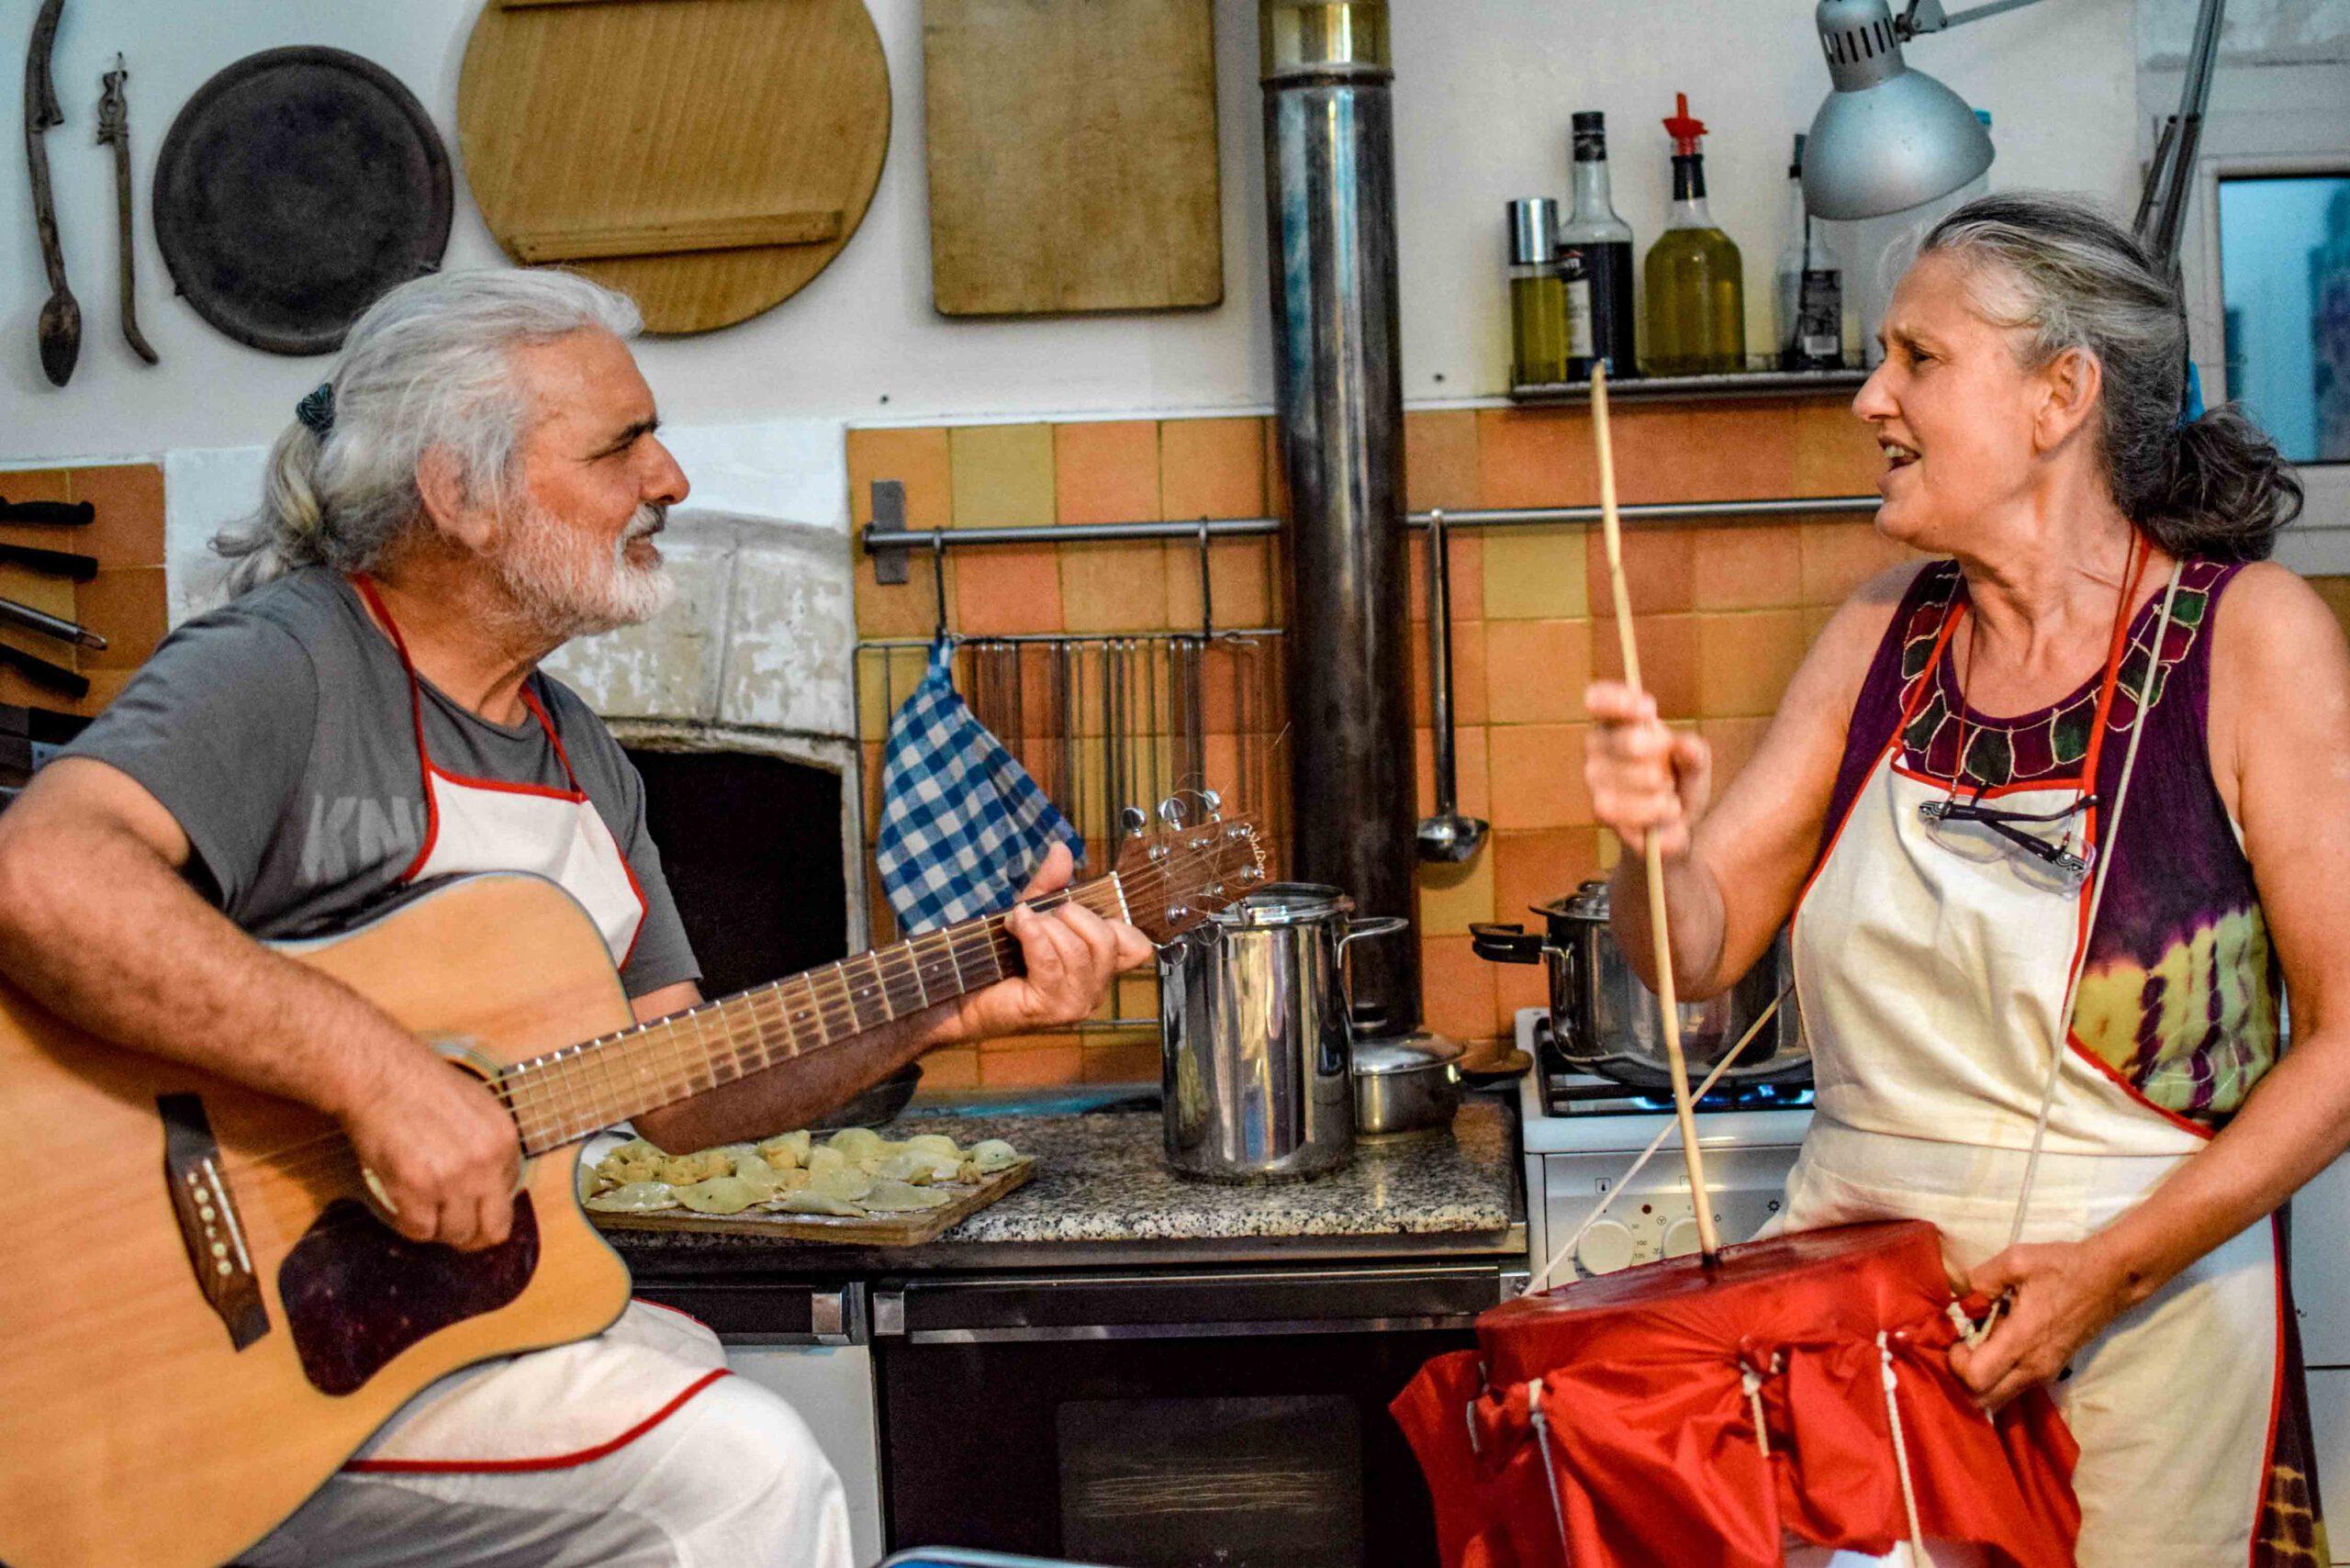 Muzikale en gastronomische droom